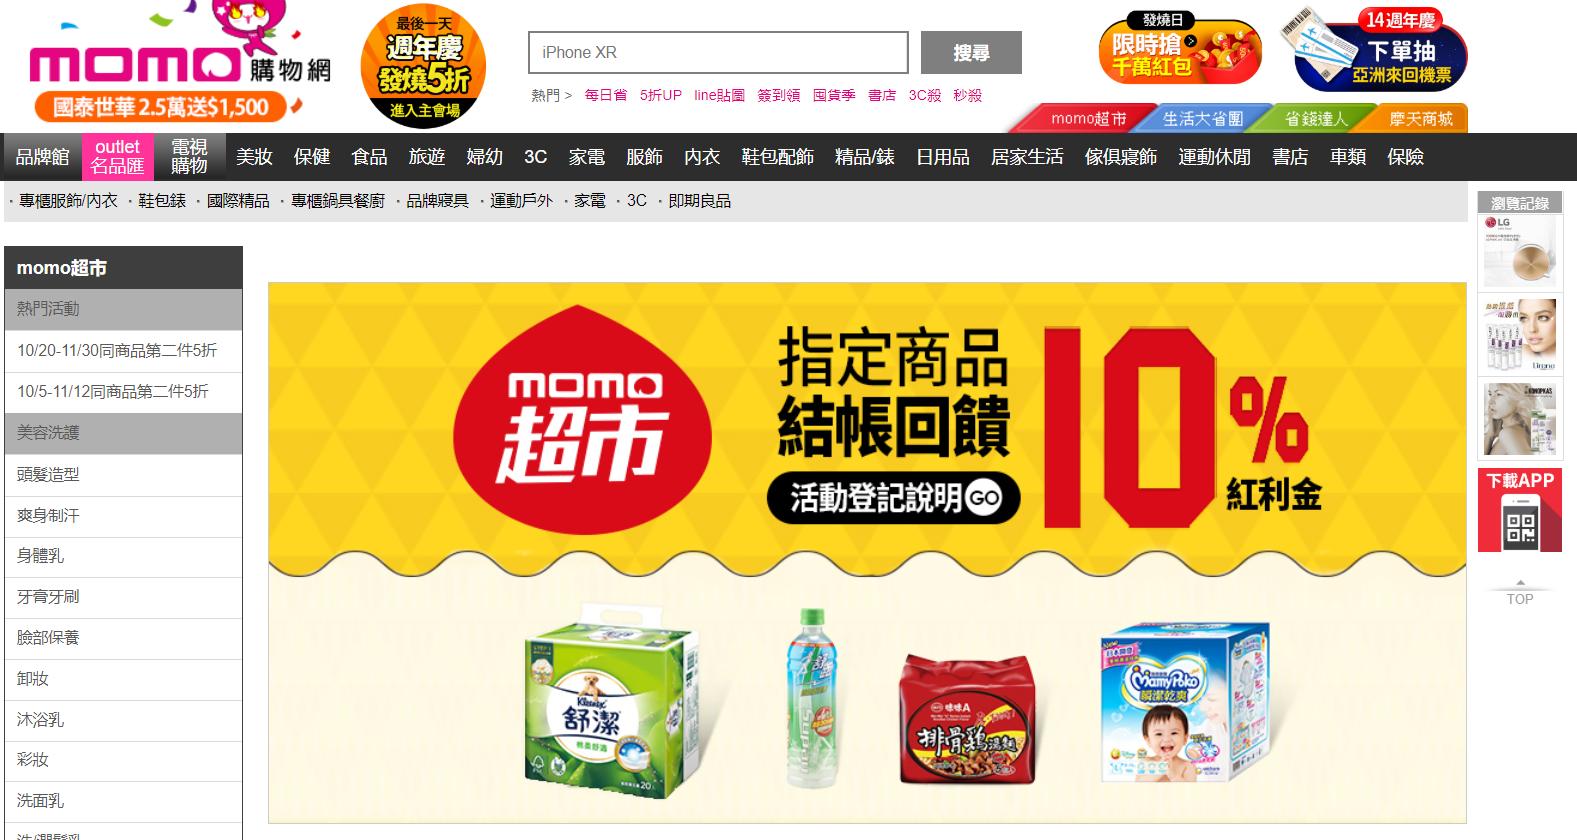 【生活】momo超市 真的沒空逛超市直接上網買好買滿! 手指點一點直送到府 還有指定單品回饋10%紅利金